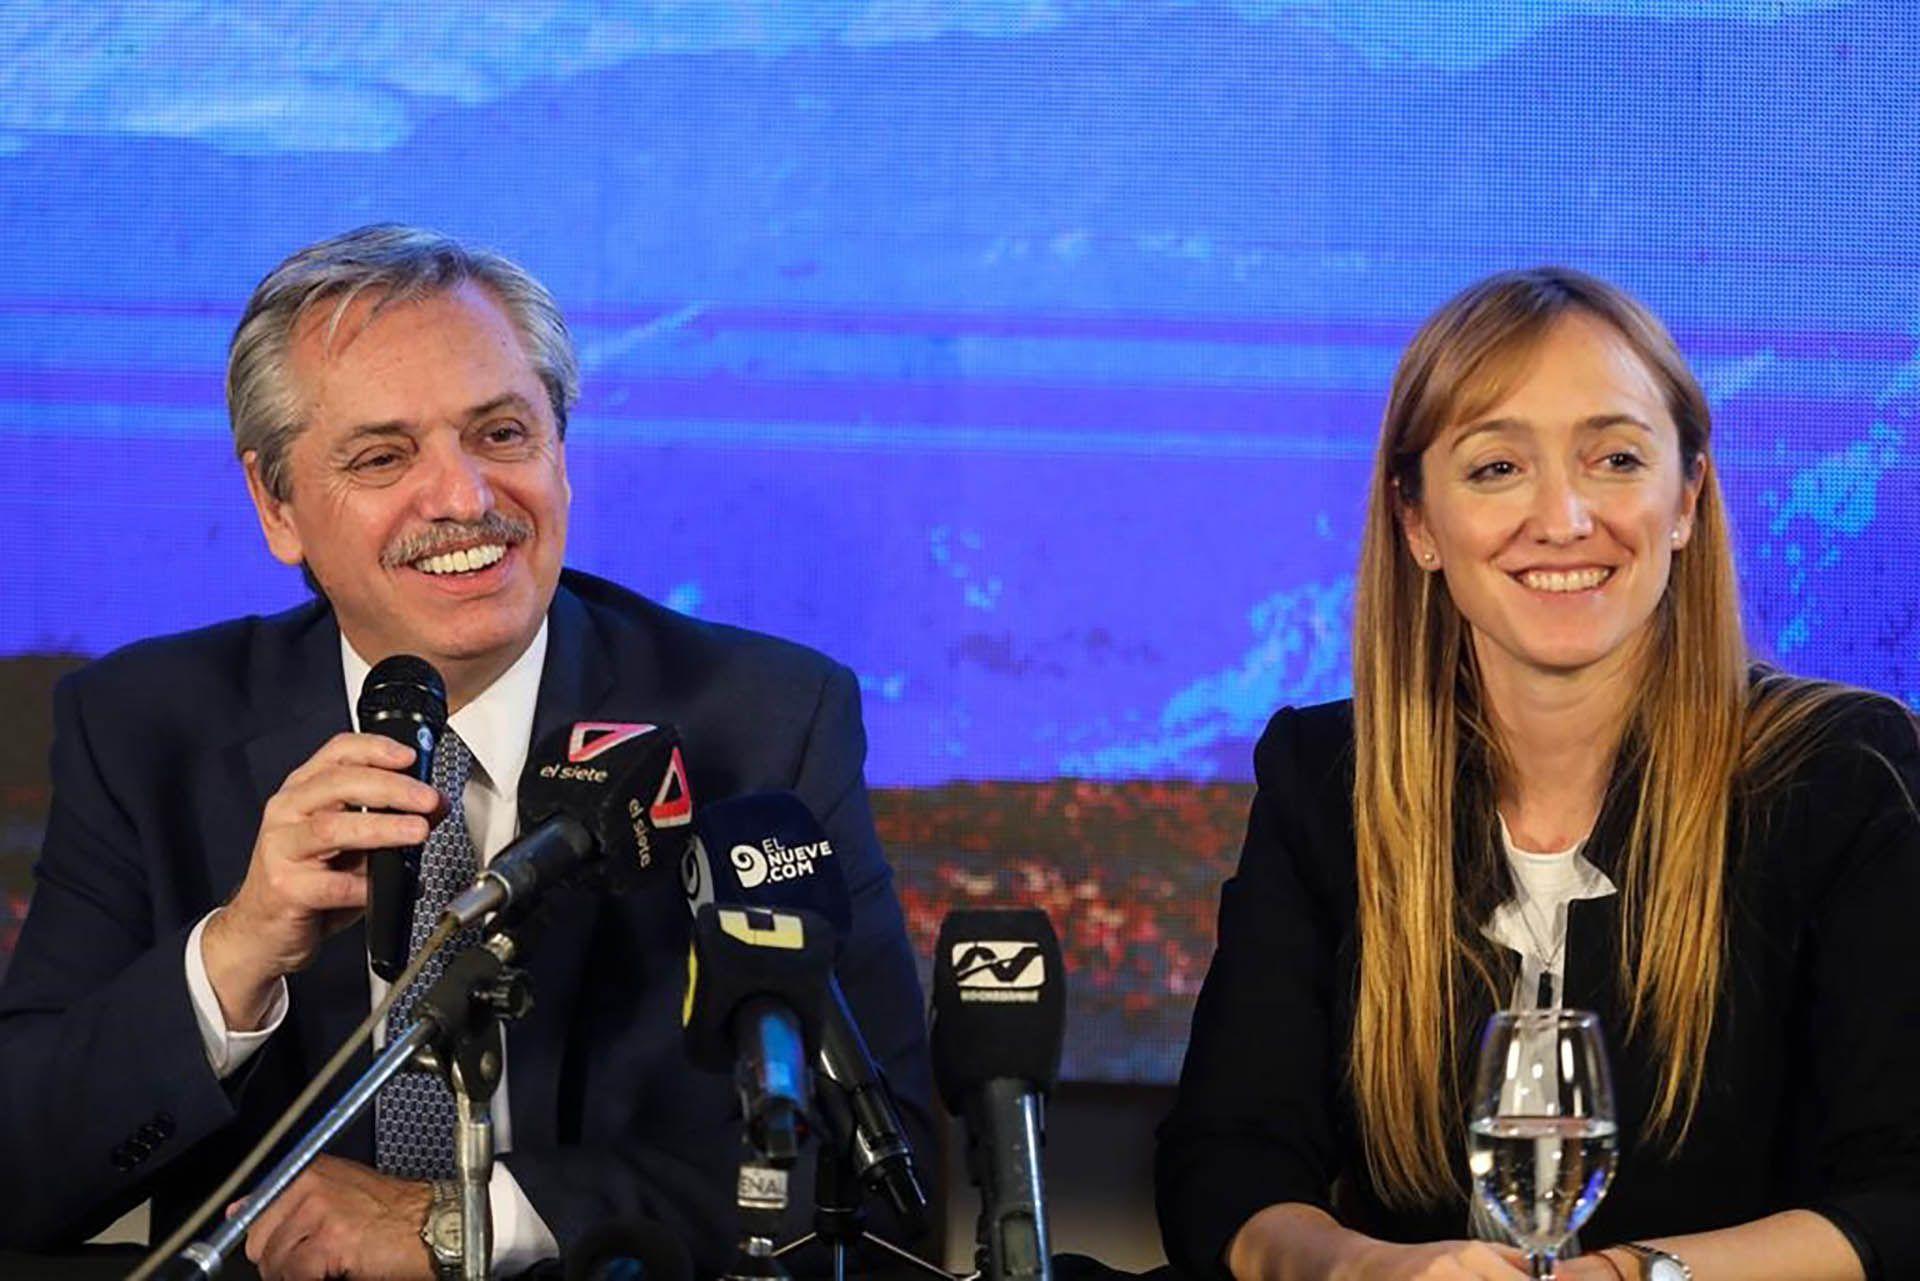 Alberto Fernández regresará a una provincia oficialista a apoyar a su candidata a gobernadora